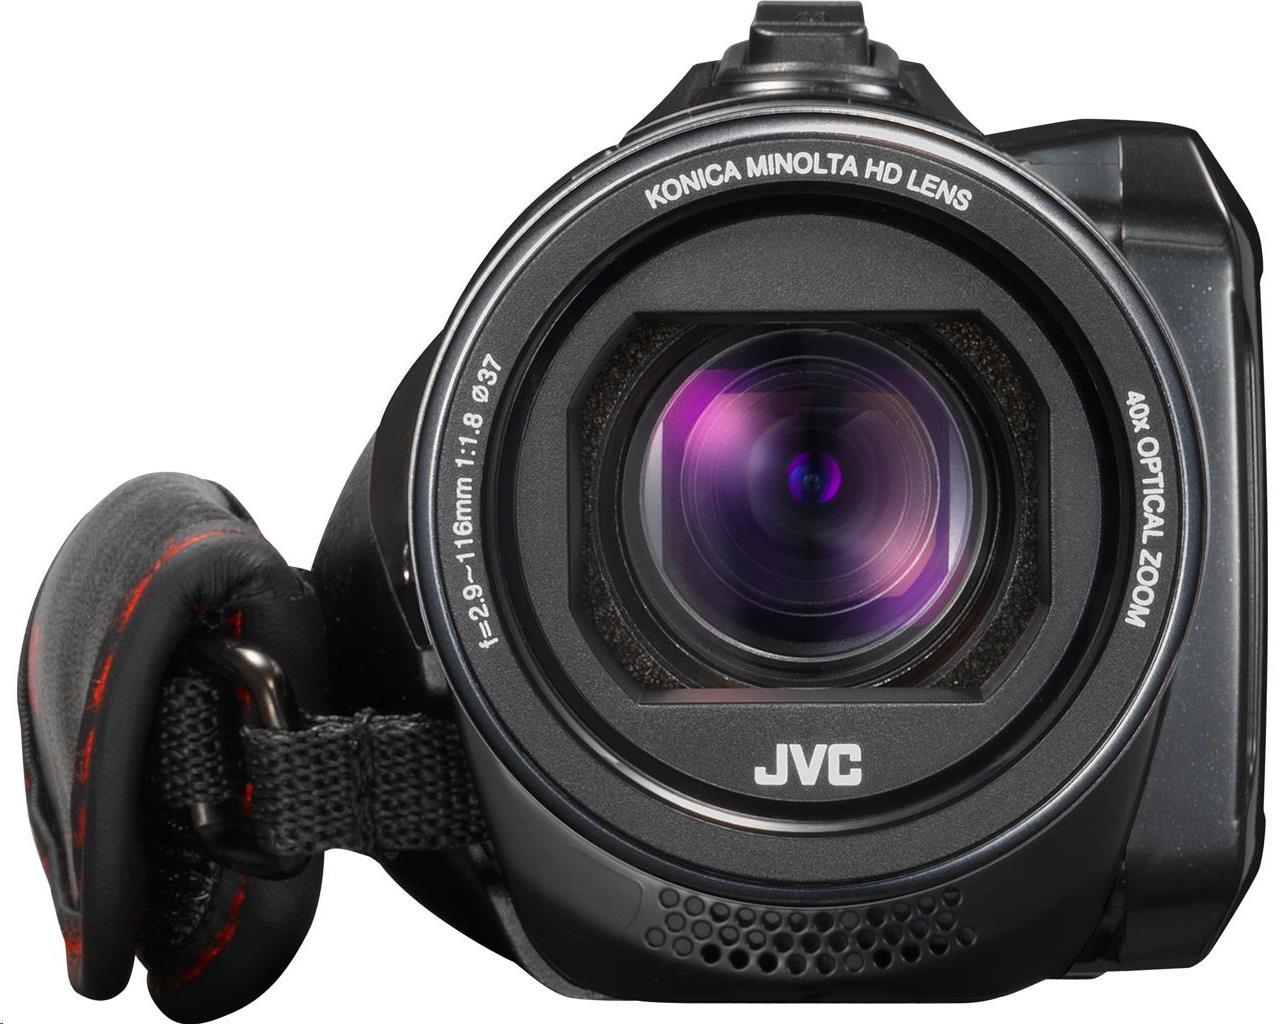 Bundle: JVC EverioR QUAD-PROOF GZ-RX610BEK Memory Card Camcorder